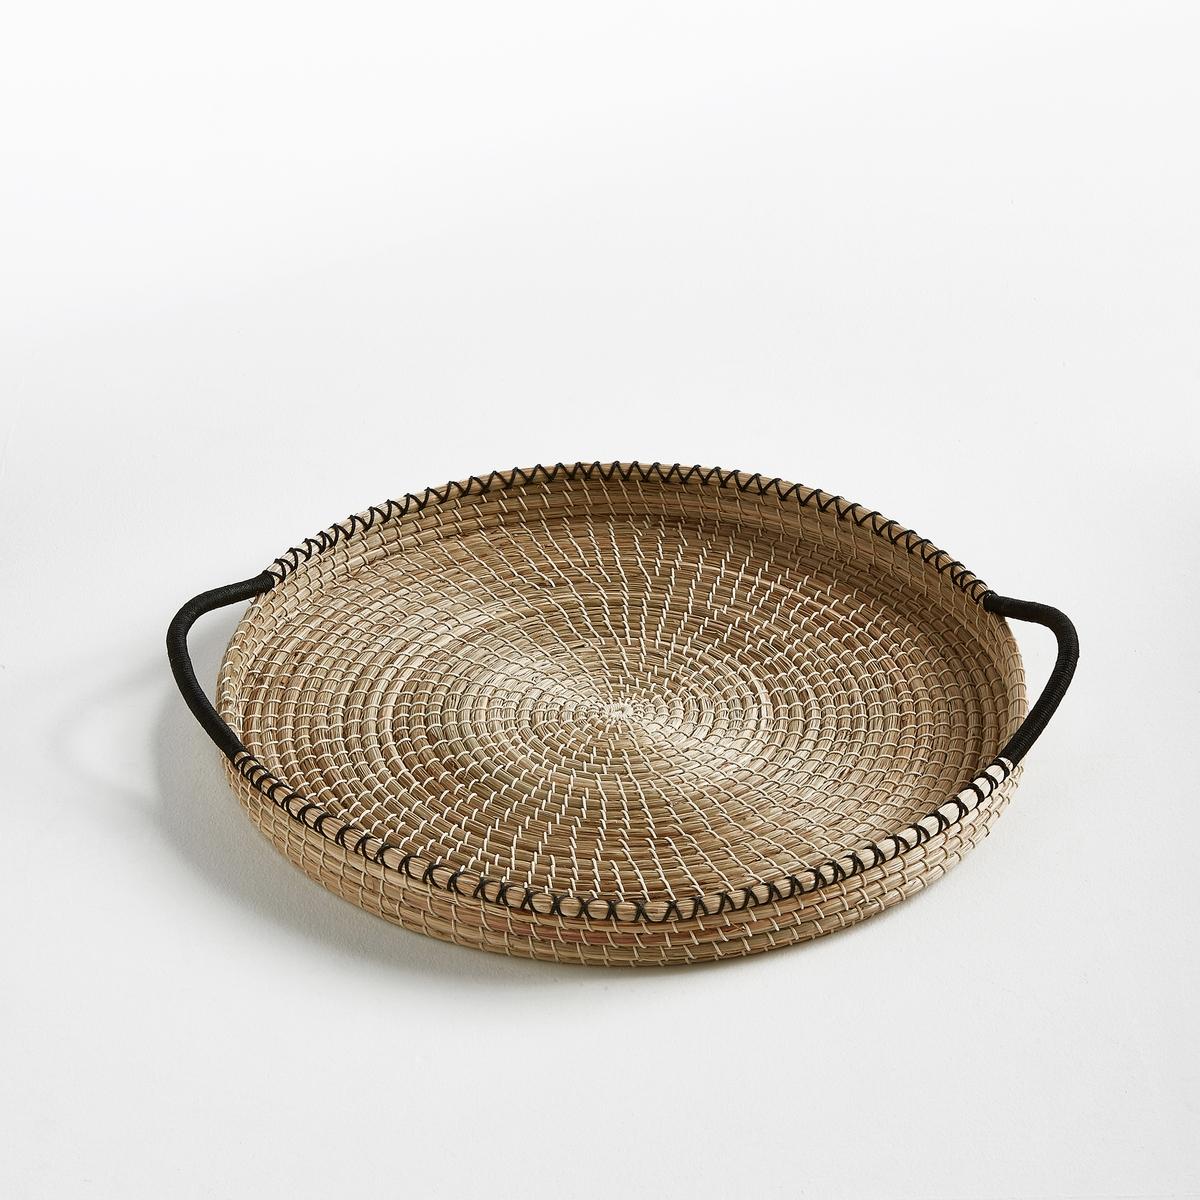 Поднос плетеный ArcochaПоднос Arcocha. Практичный и очень красивый поднос с 2 ручками. Ручное плетение из рисовой соломки. Размеры  : ?50 x В5,5 см.<br><br>Цвет: черный/ экрю